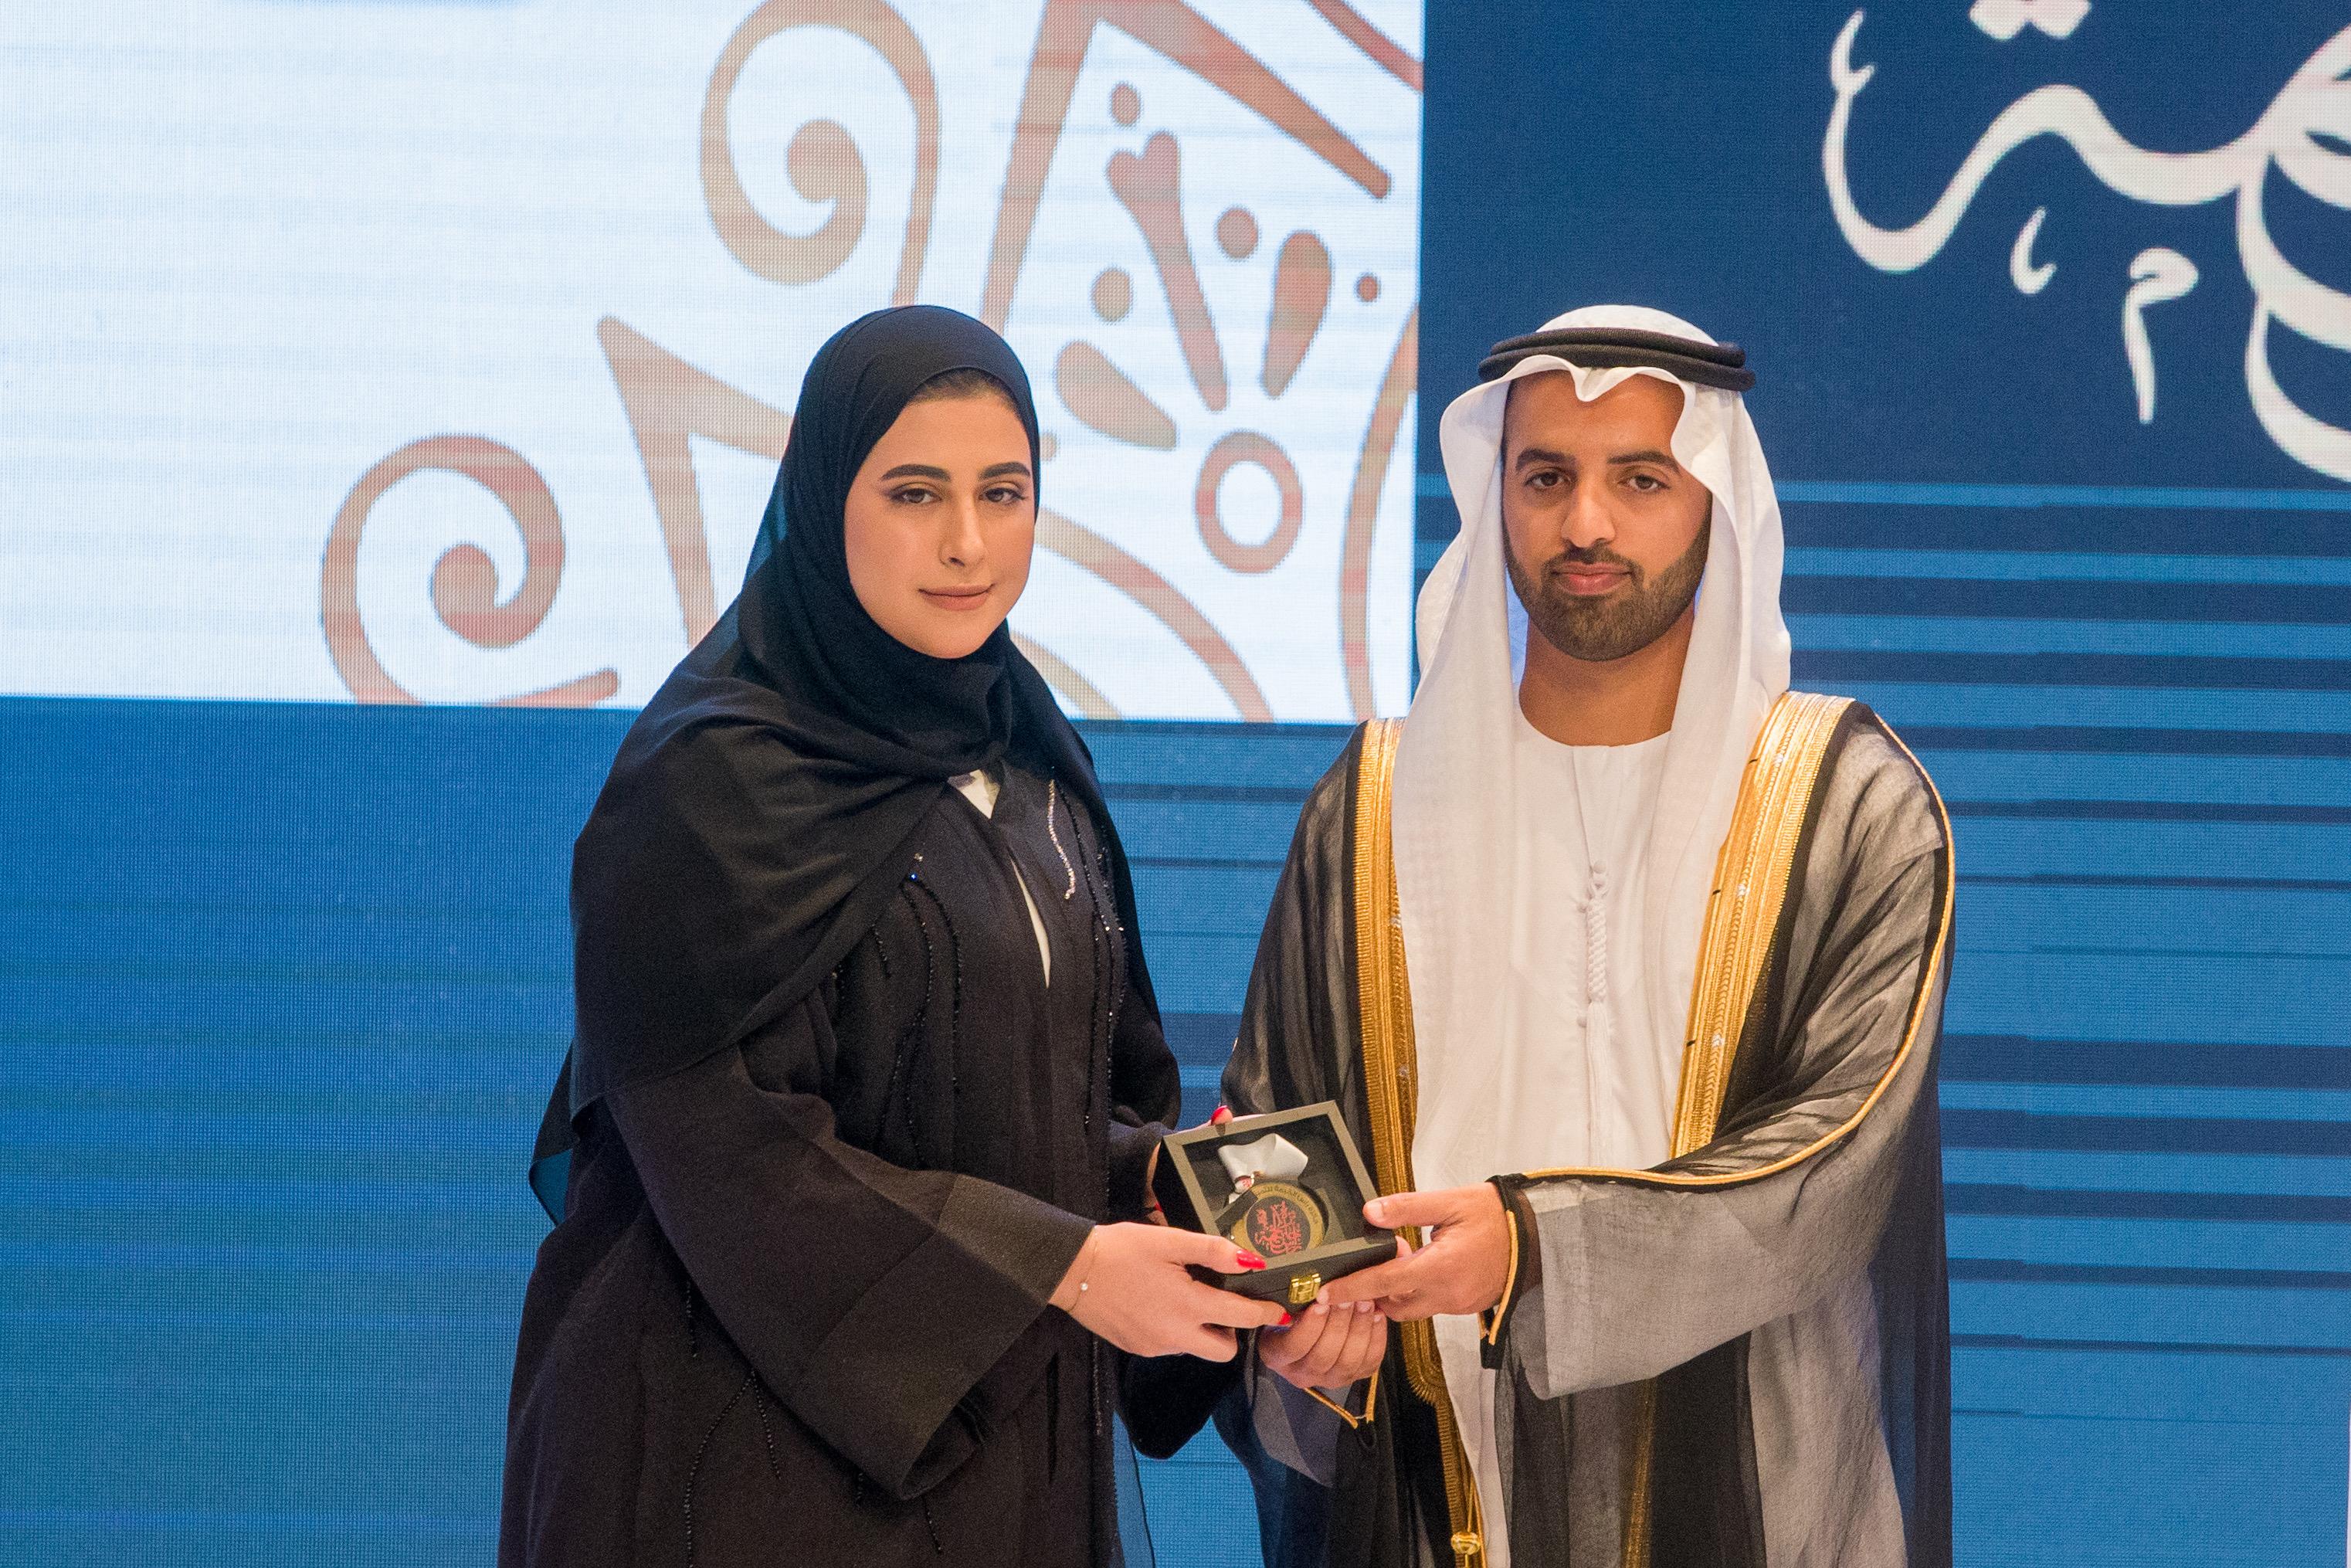 محمد بن سعود القاسمي يشهد حفل جائزة رأس الخيمة للتميز التعليمي